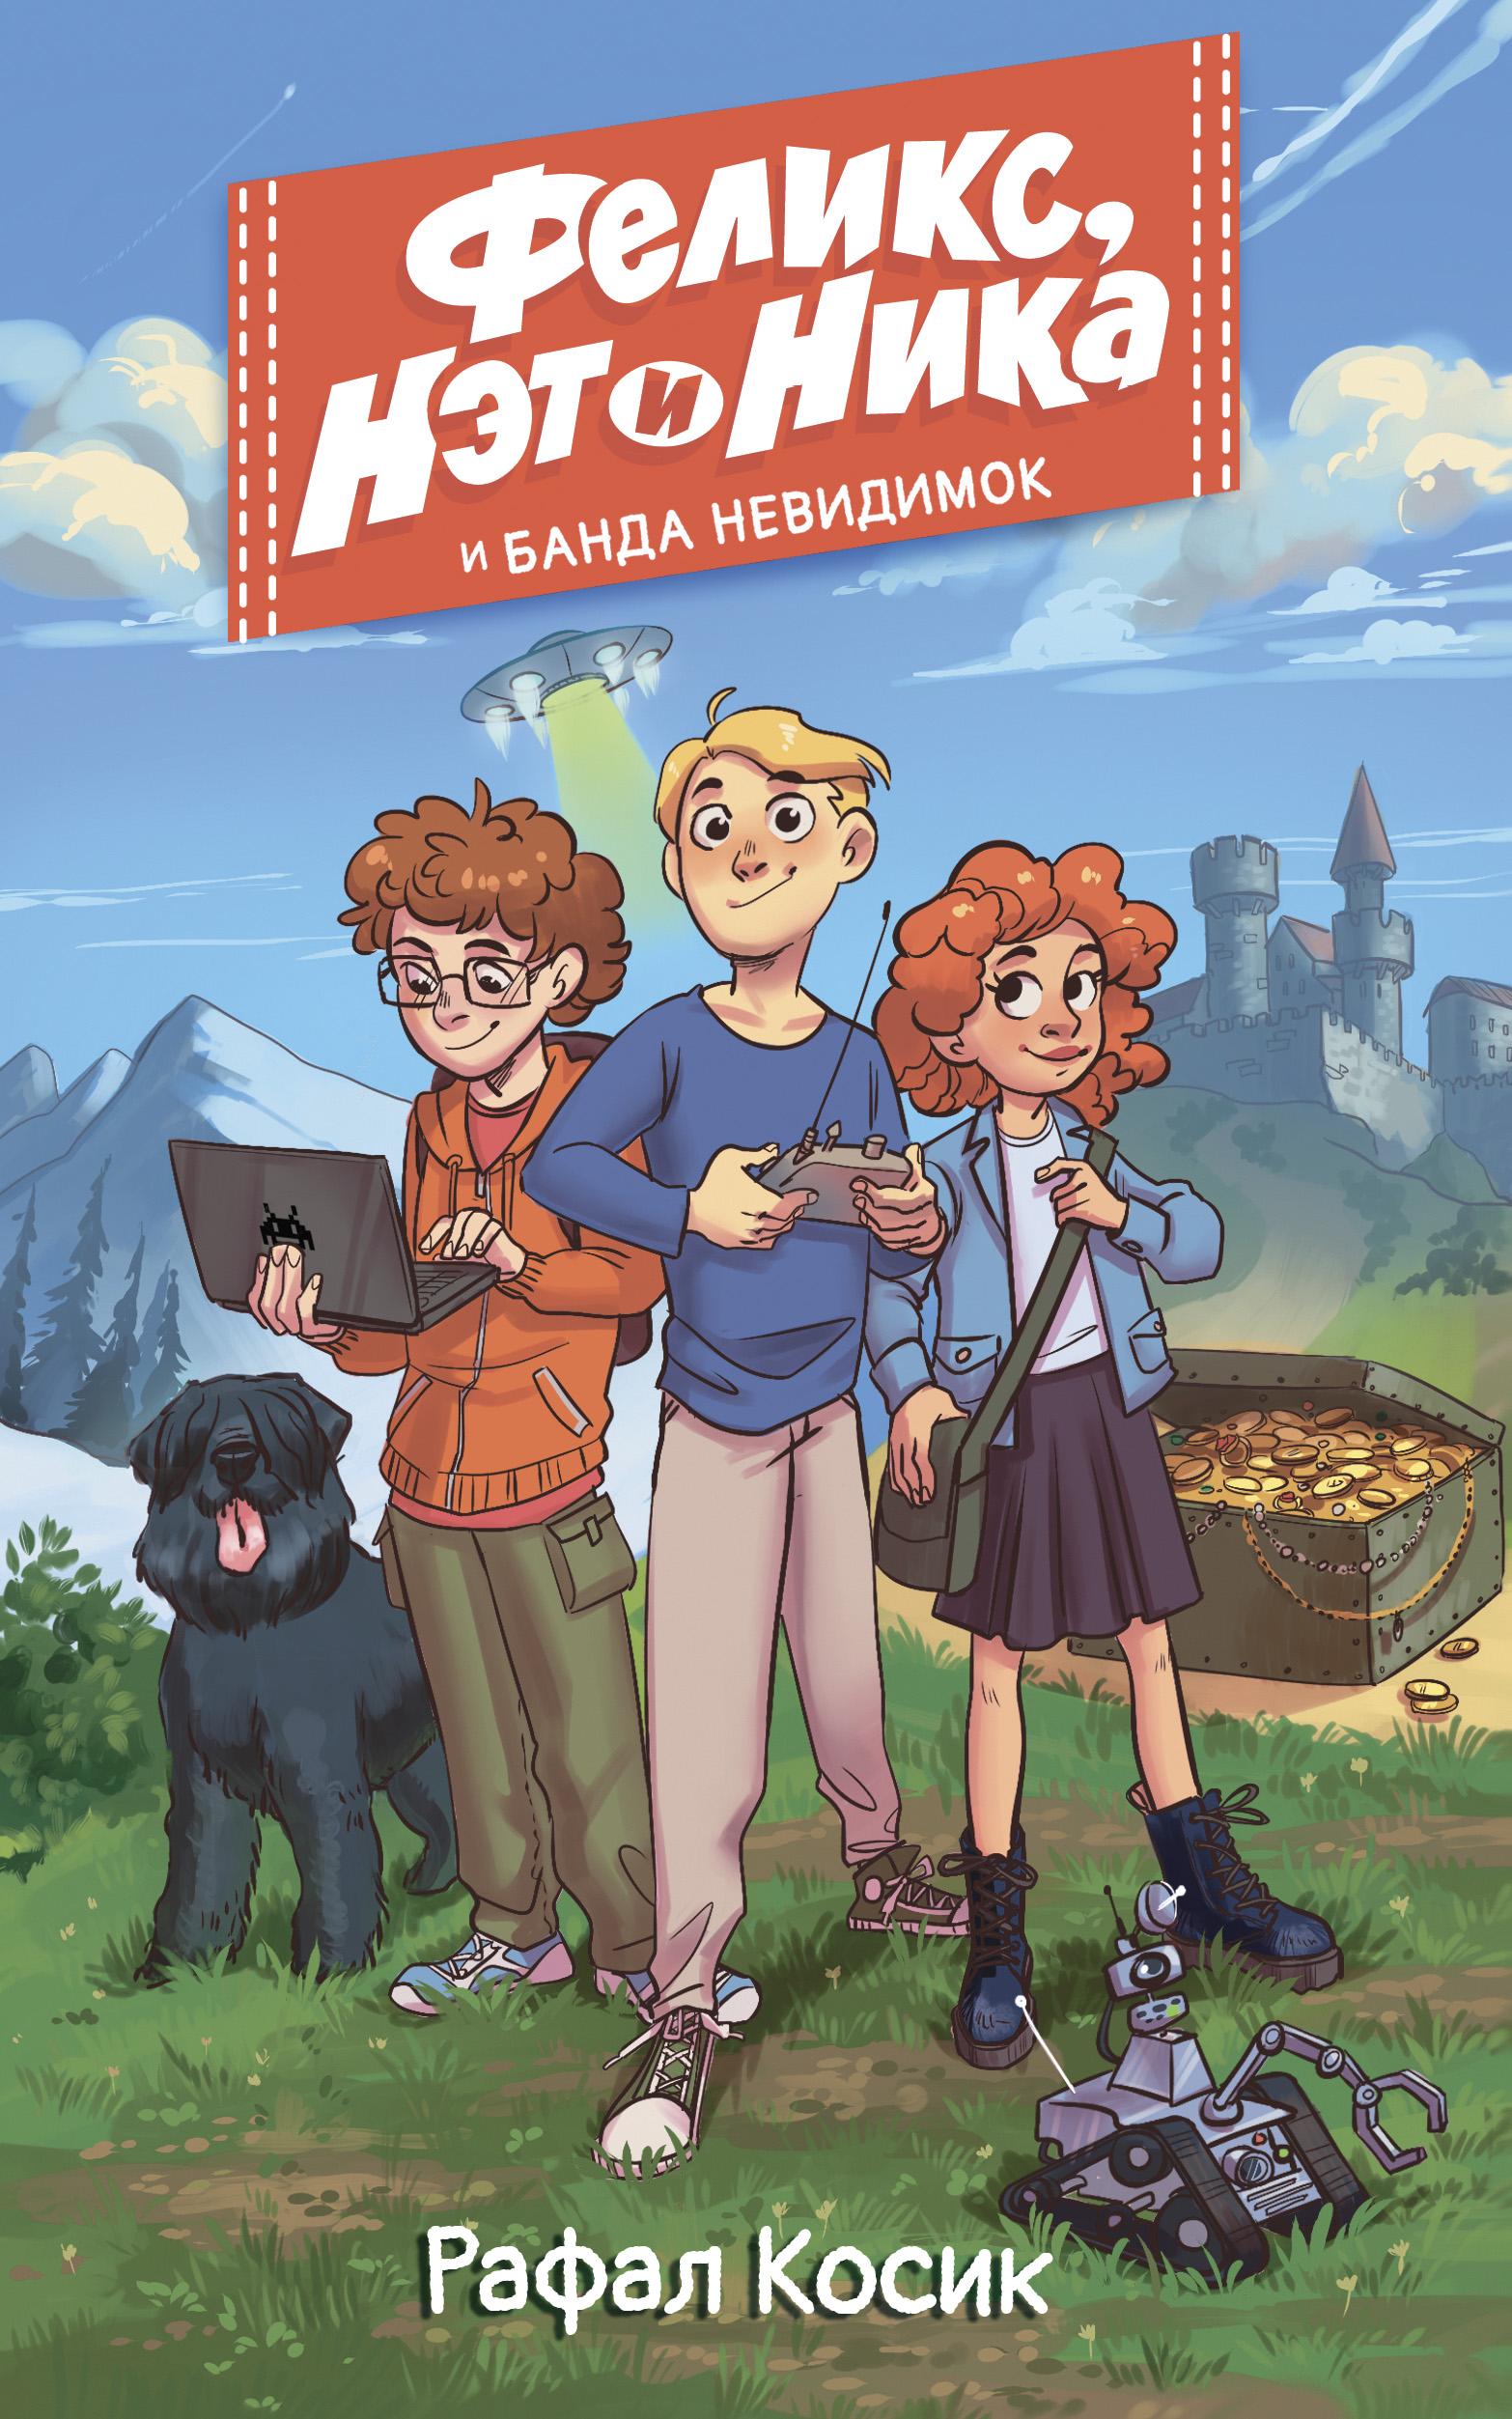 Купить книгу Феликс, Нэт и Ника и Банда невидимок, автора Рафала Косик